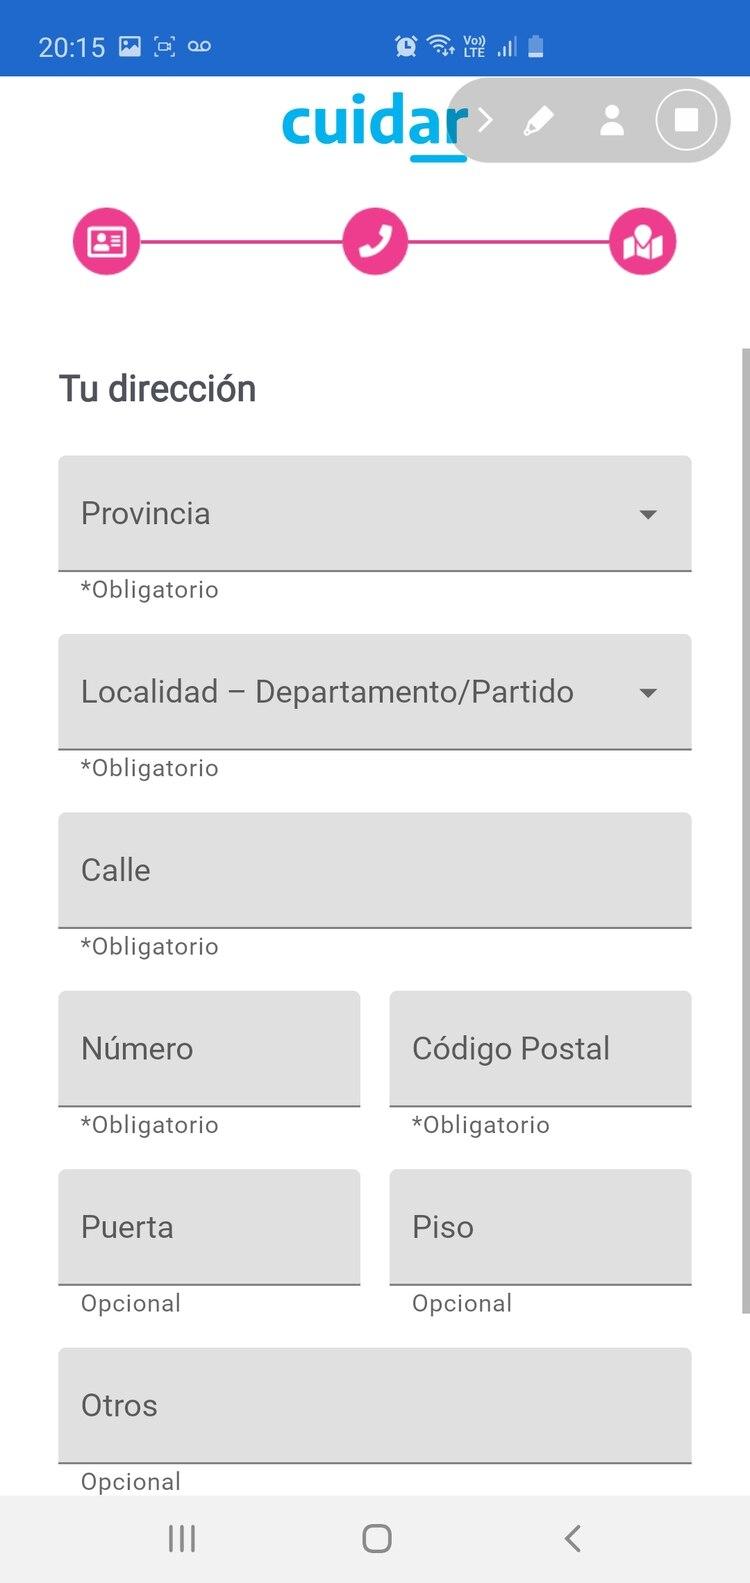 La app pide el DNI, nombre completo y domicilio.